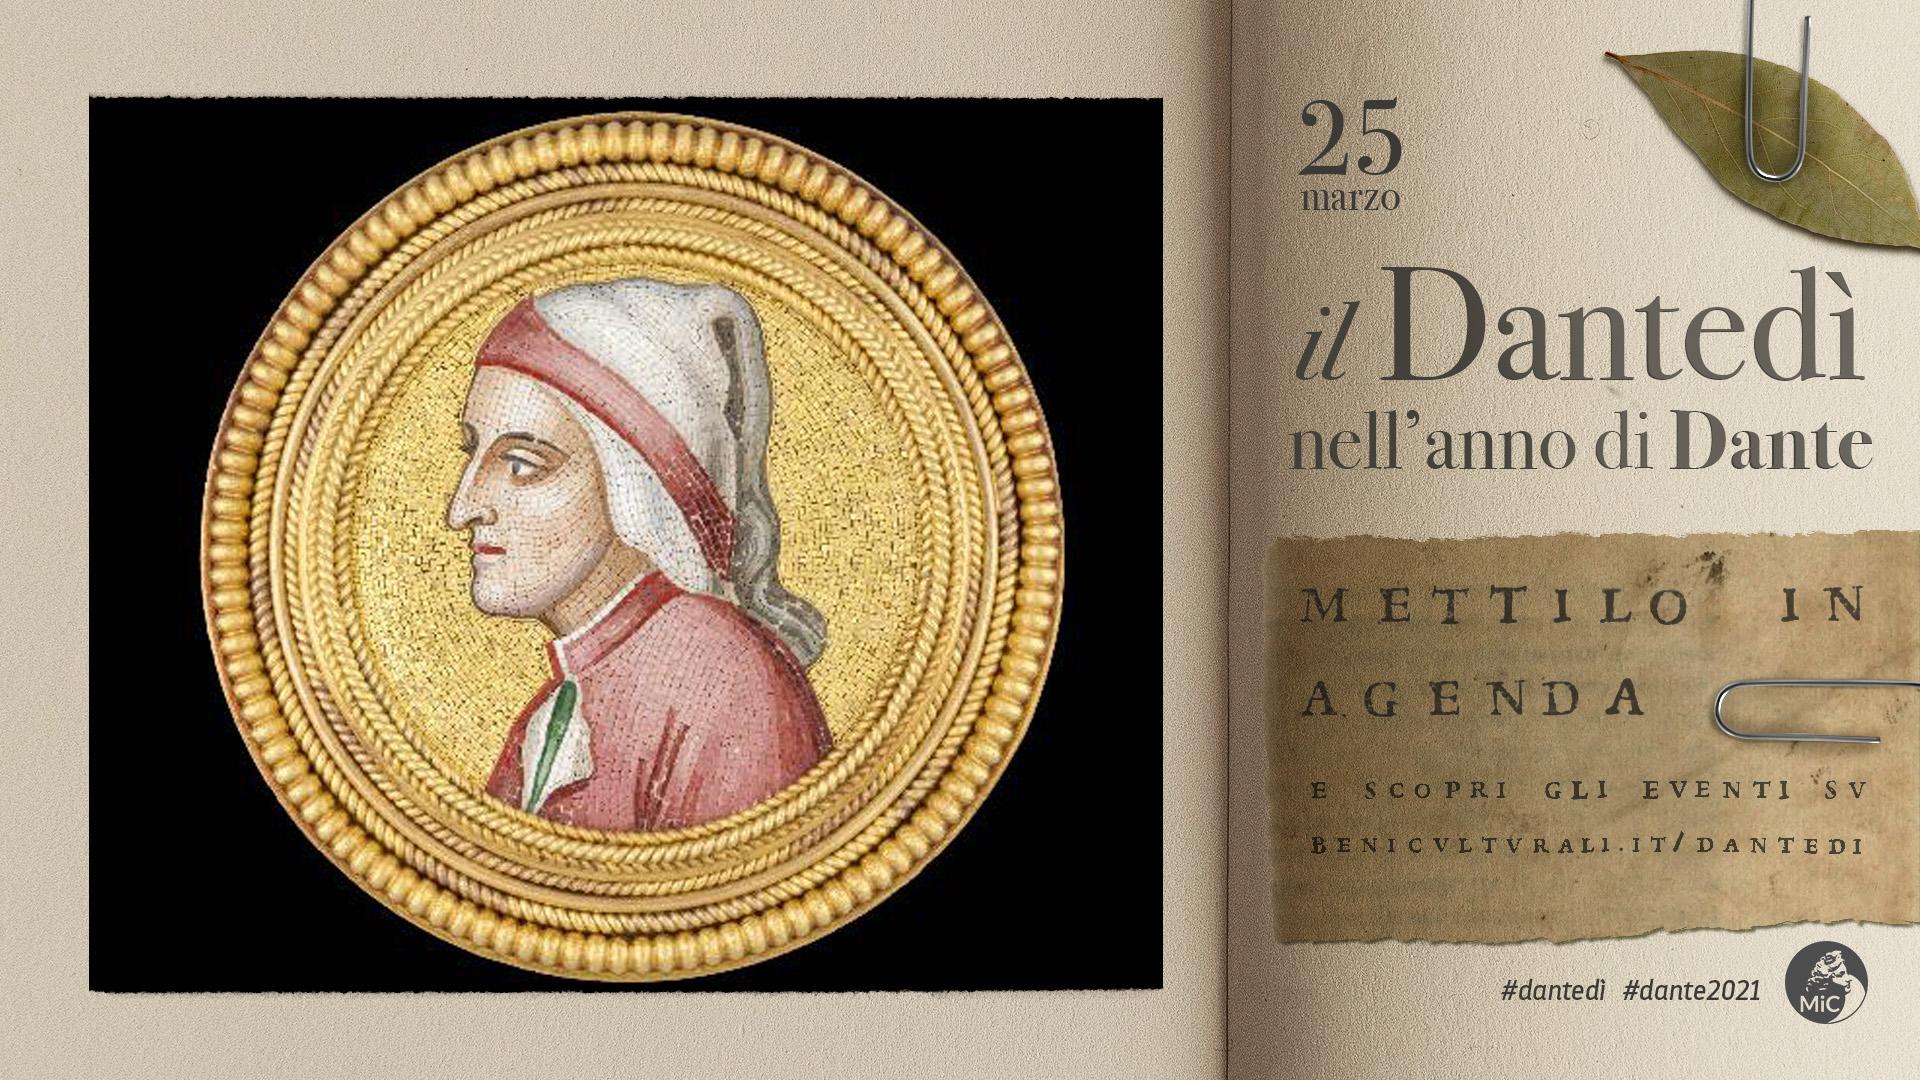 ETRU per il Dantedì 2021: La spilla con il ritratto di Dante